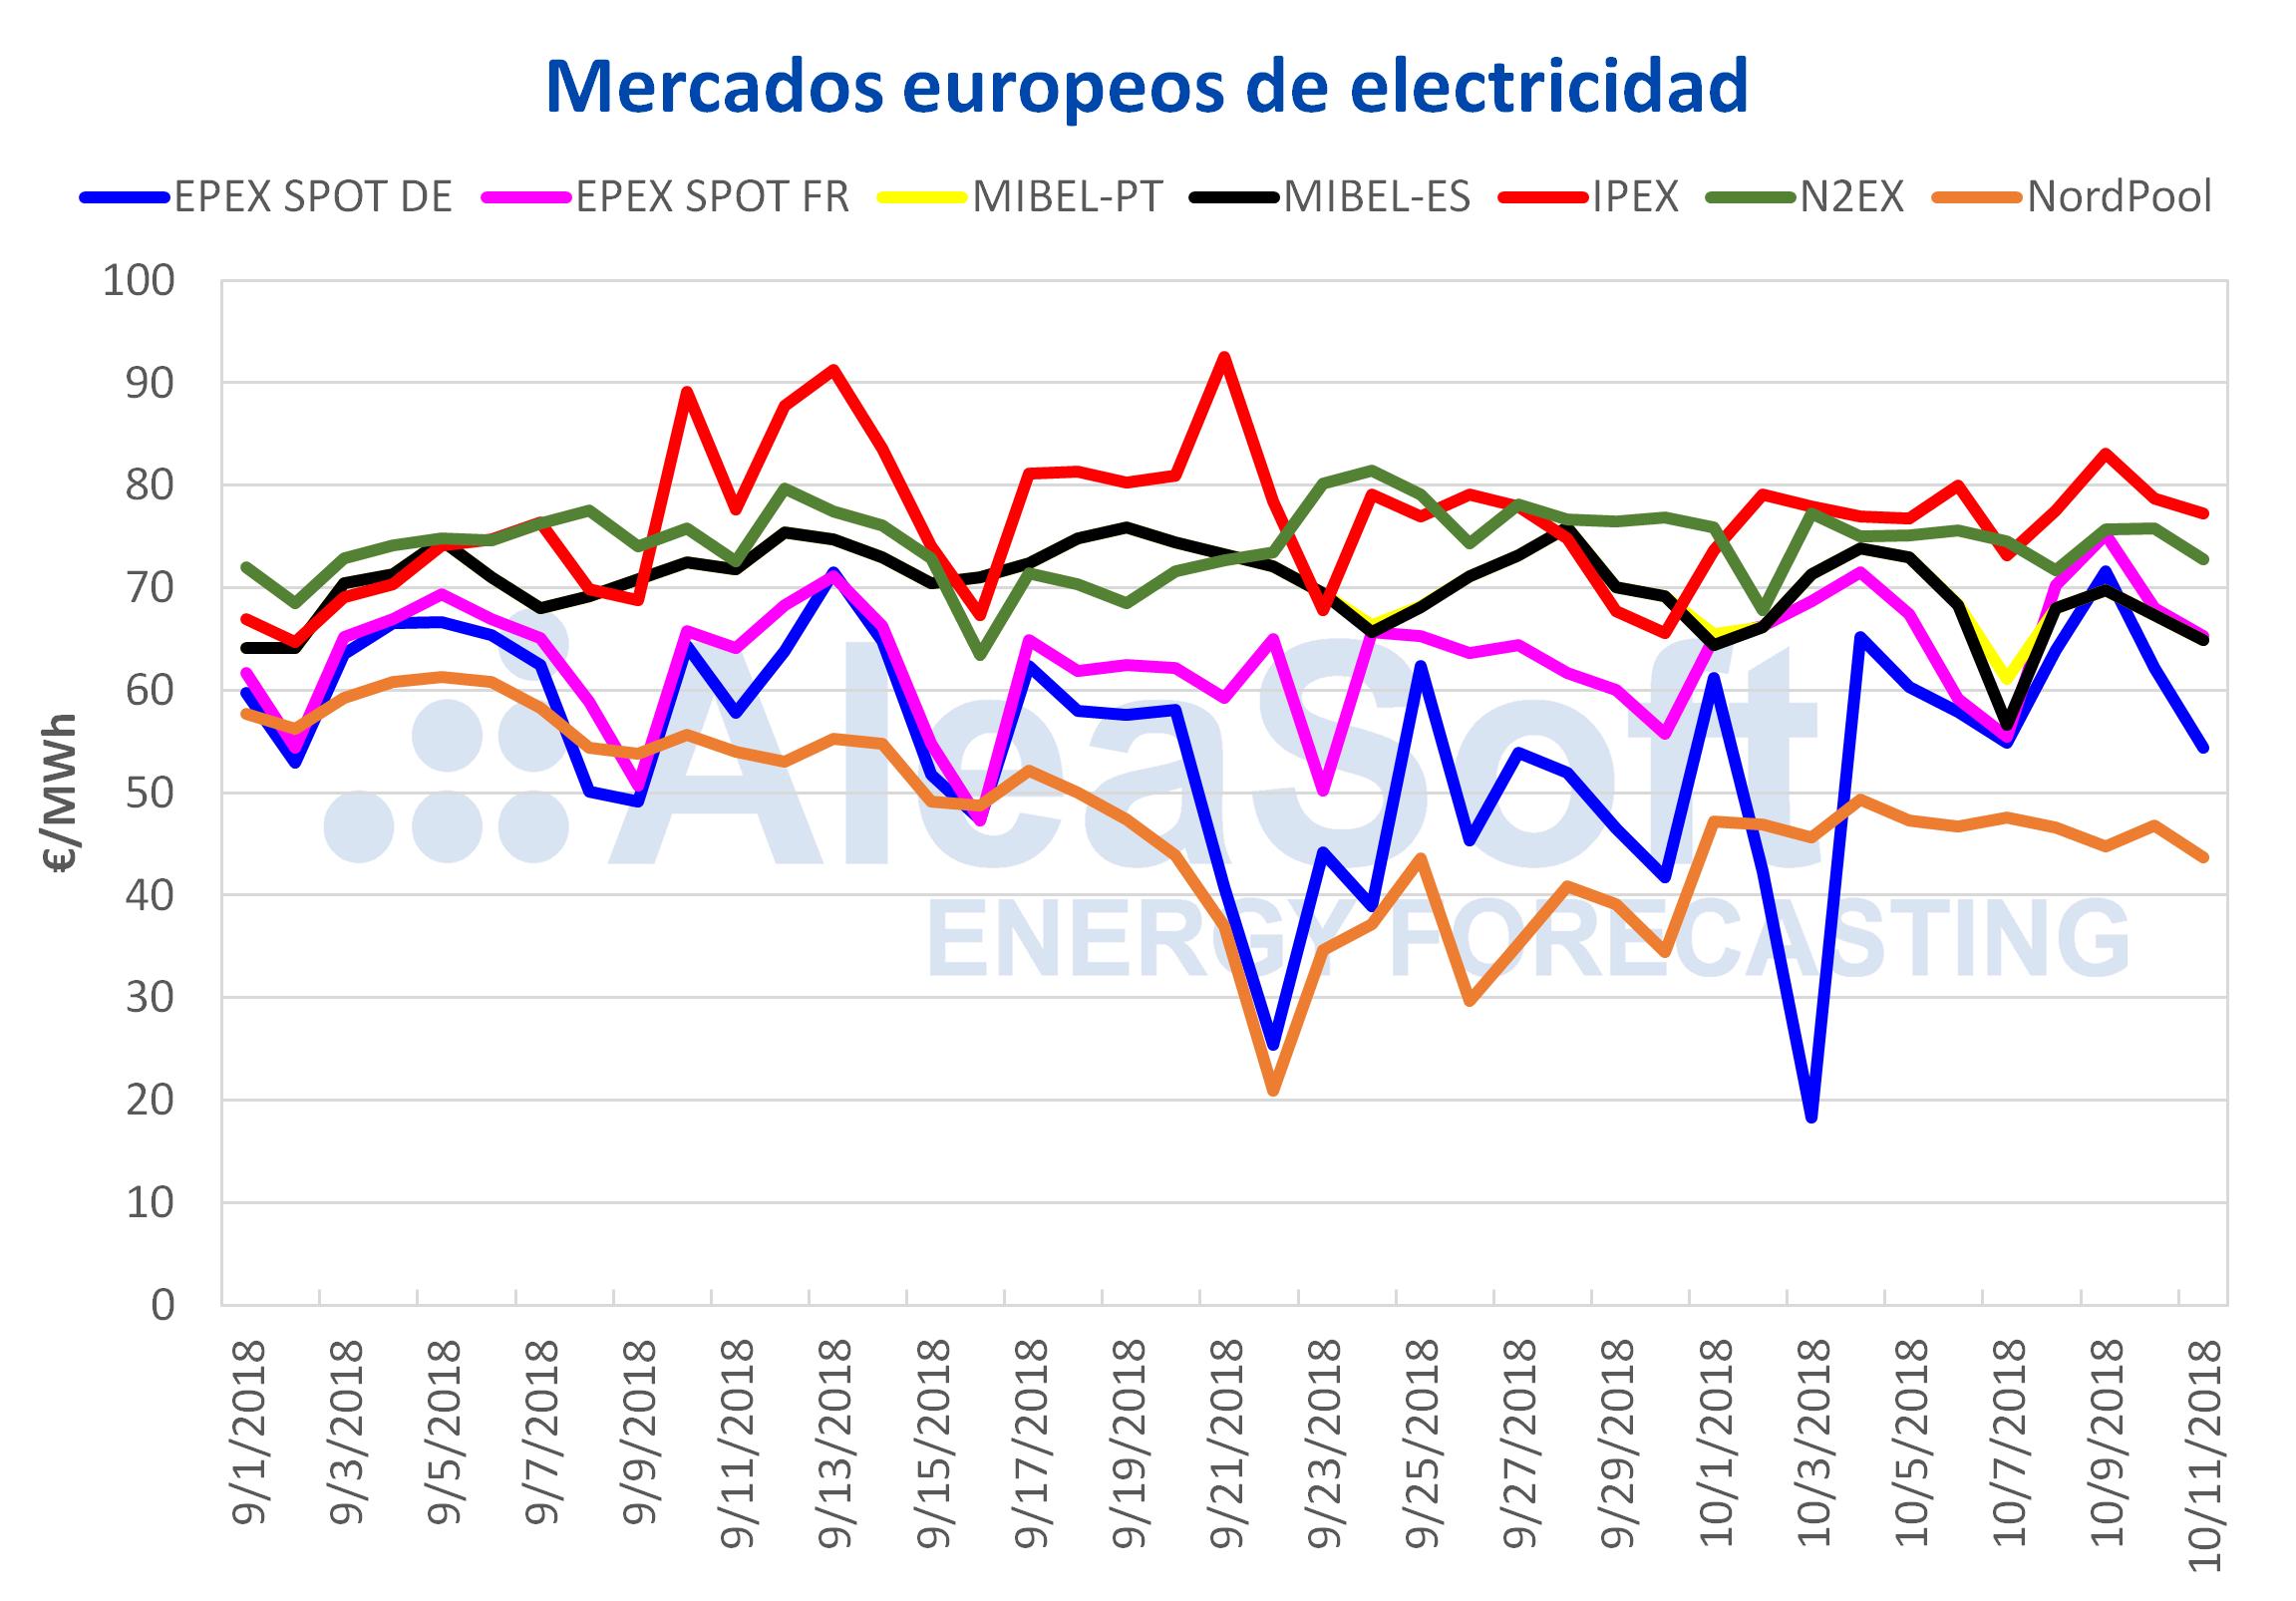 AleaSoft - Precios mercados electricidad europeos